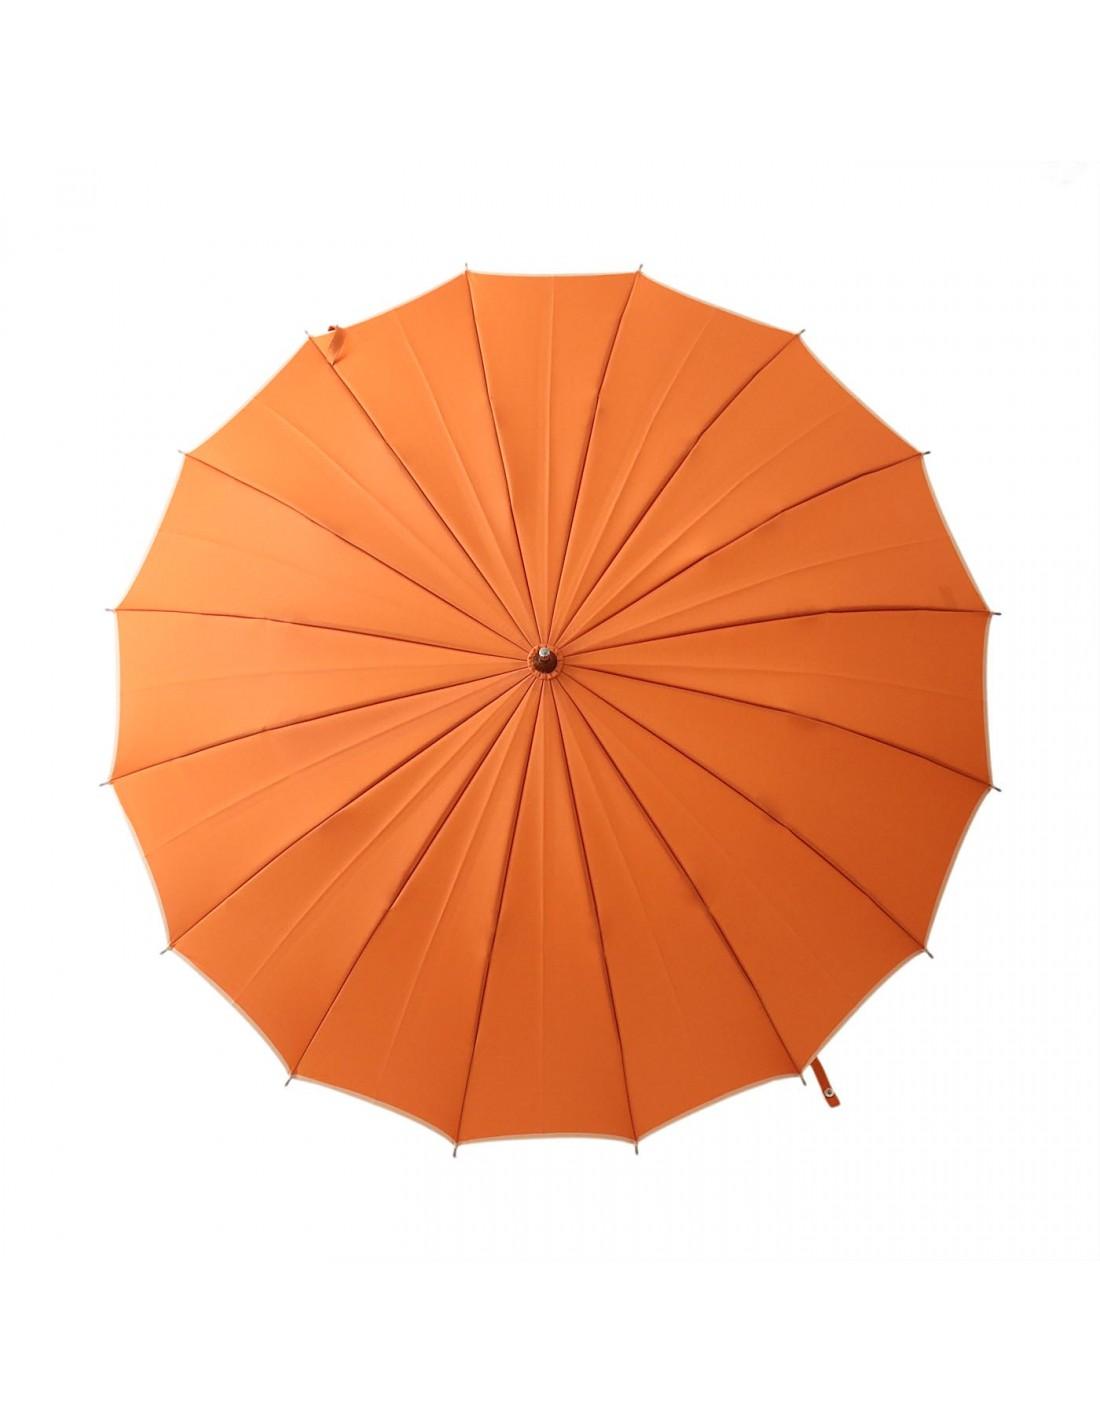 Damen Regenschirm Orange/Beige